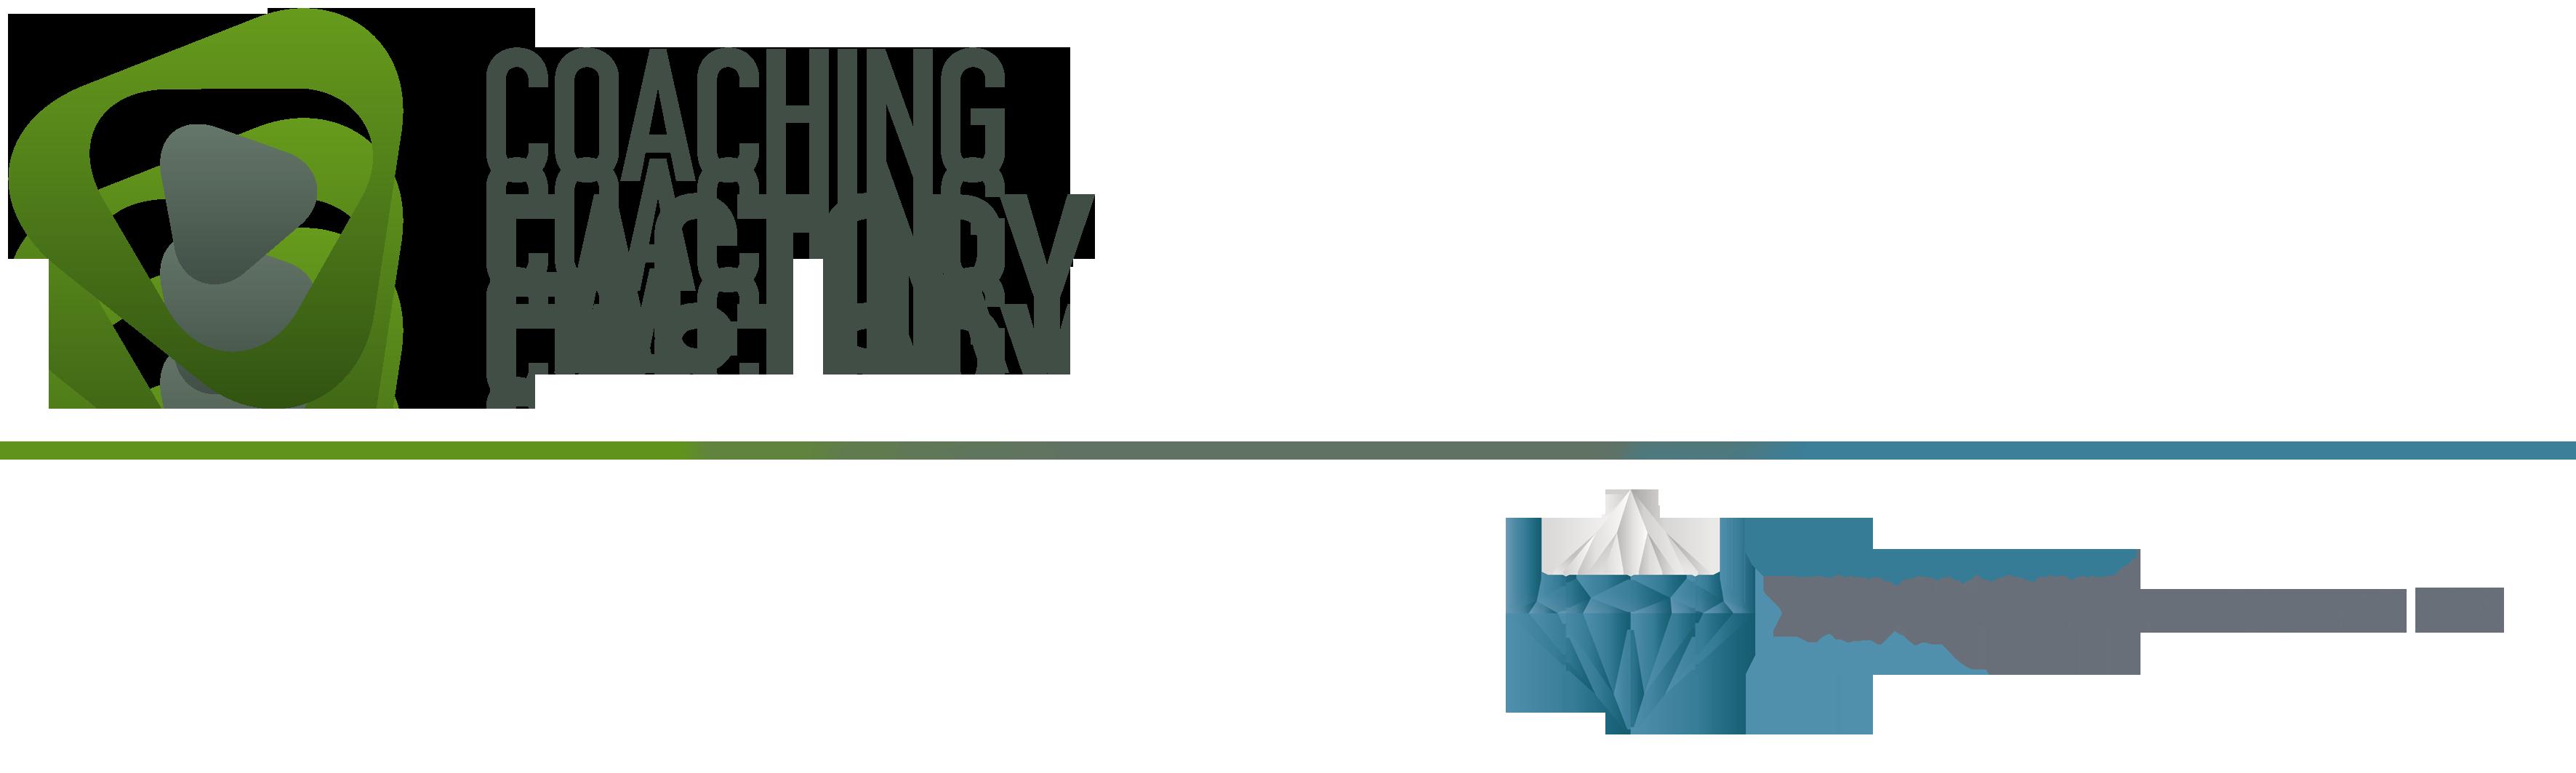 CoachingFactory-TTI-SIE